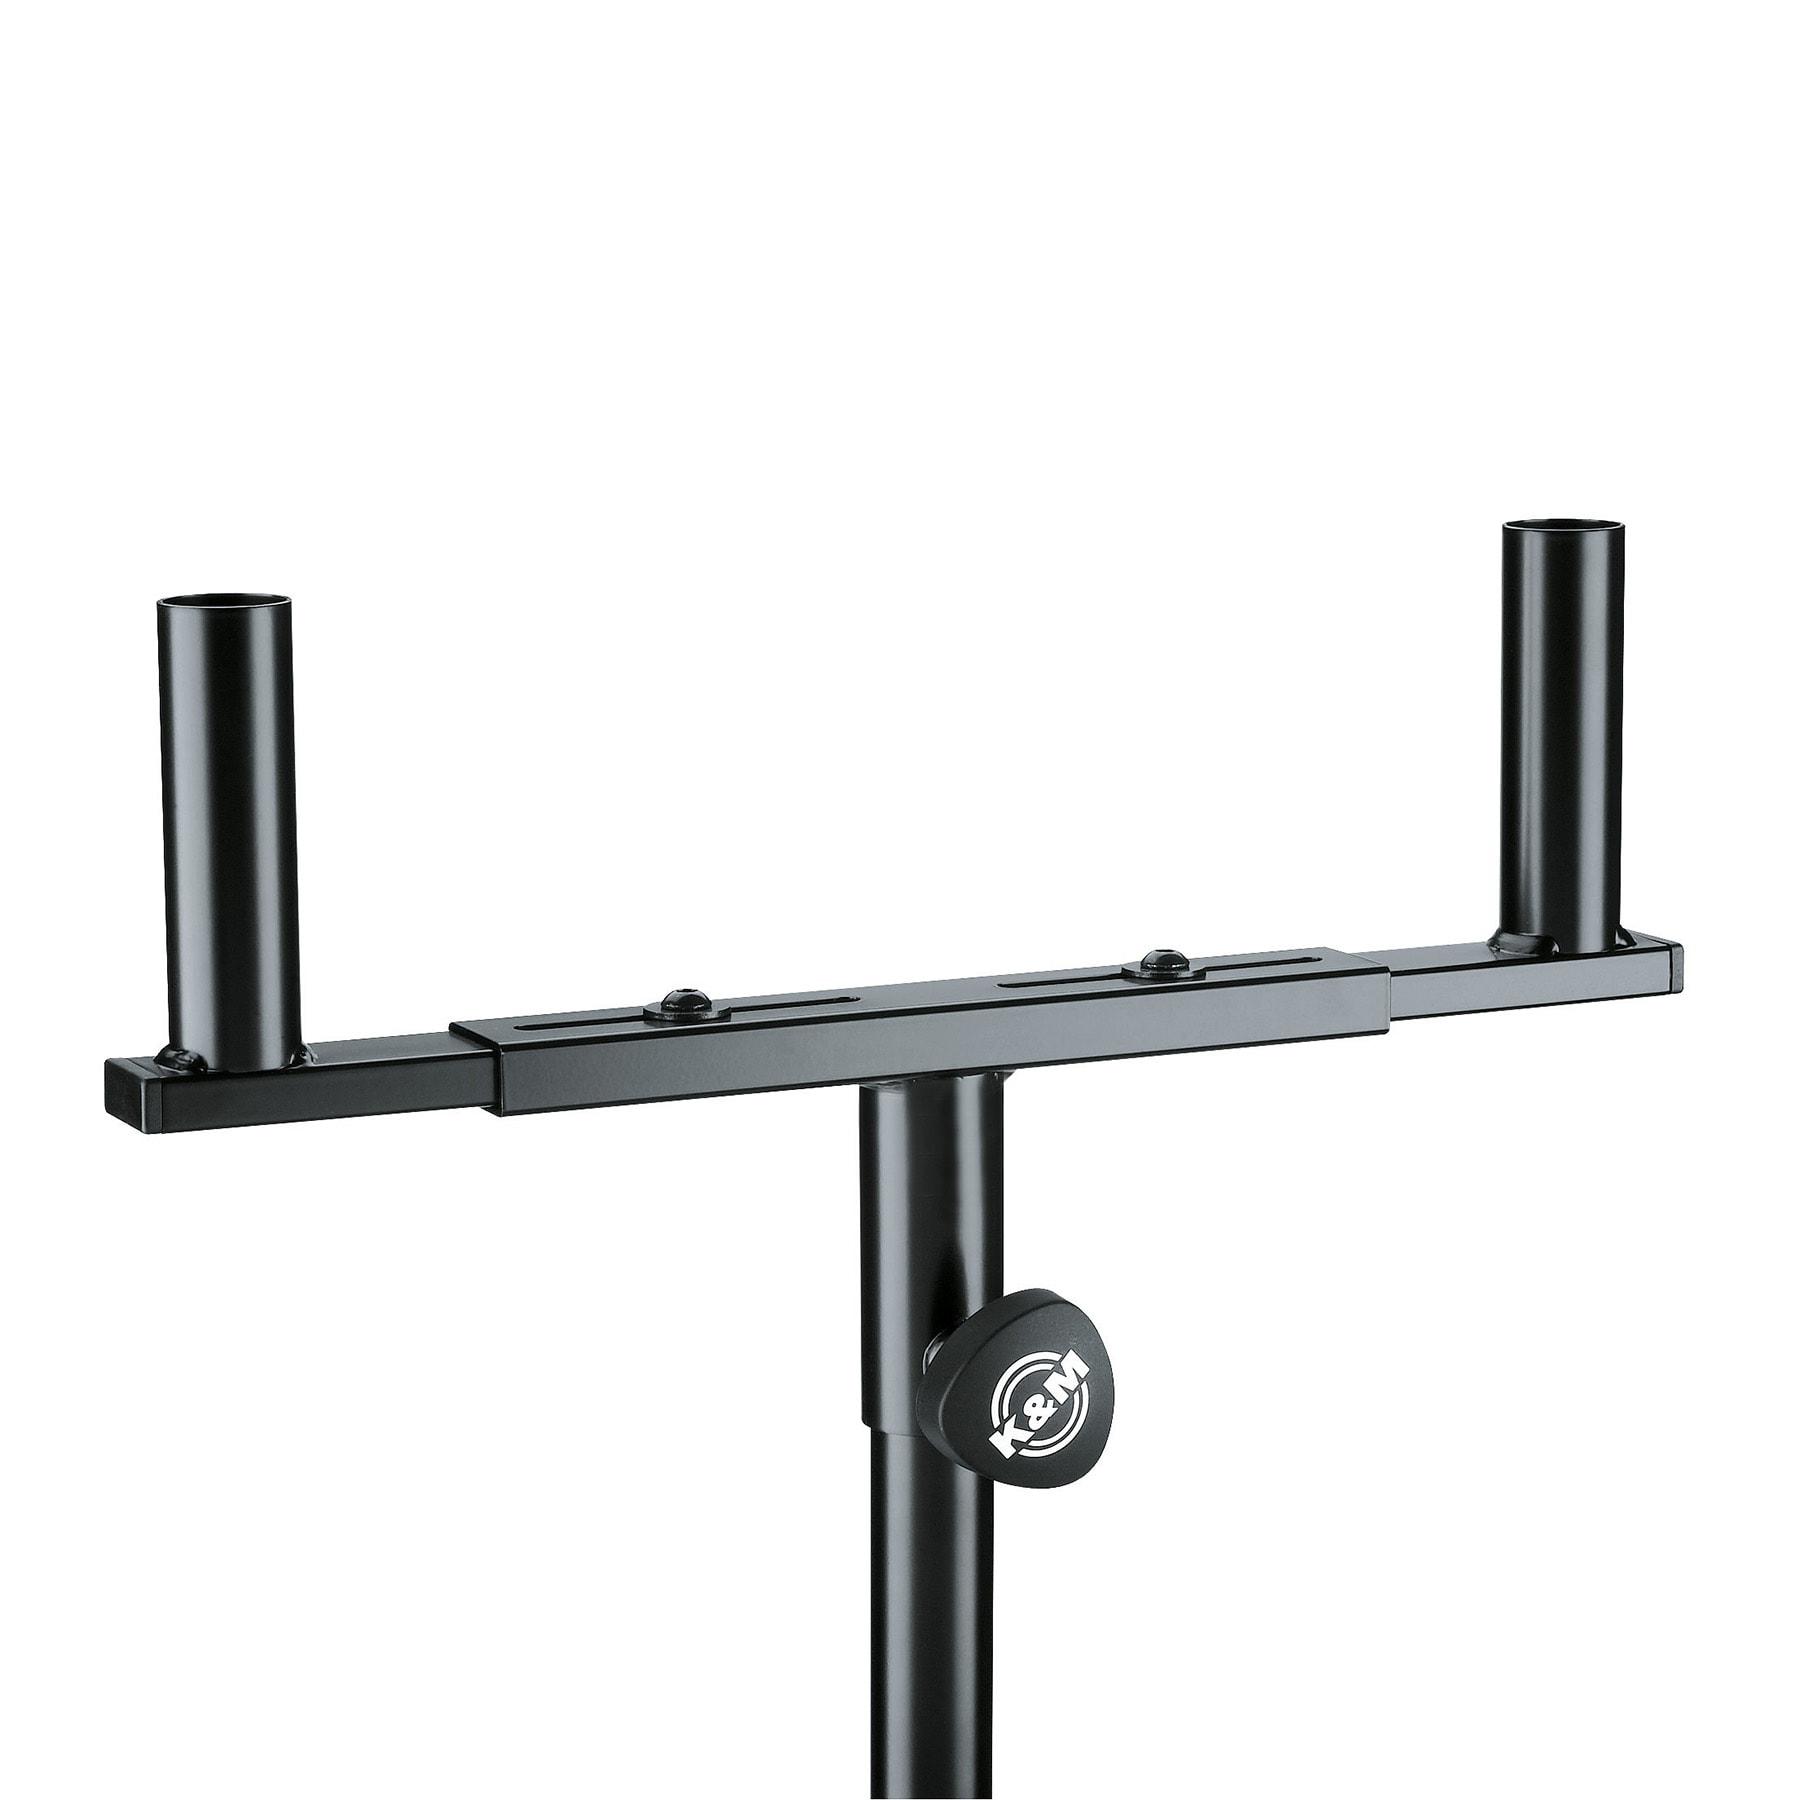 KM24105 - Speaker mounting fork